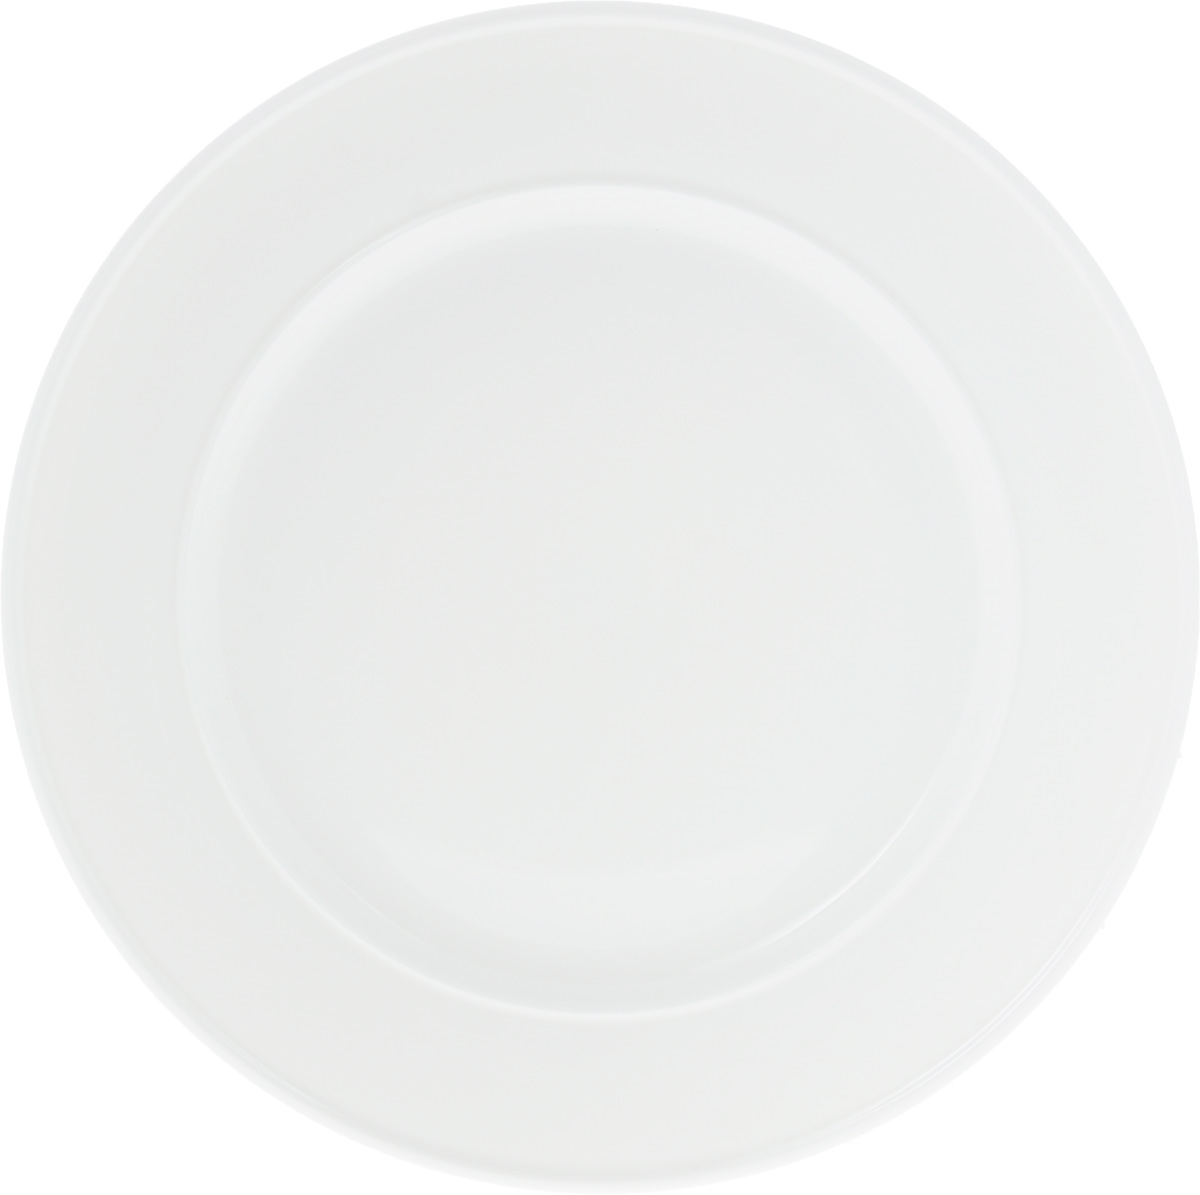 Блюдо Wilmax, диаметр 30,5 см. WL-991244 / AFS-91909Оригинальное блюдо Wilmax, изготовленное из высококачественного фарфора, прекрасно подойдет для подачи нарезок, закусок и других блюд. Оно украсит ваш кухонный стол, а также станет замечательным подарком к любому празднику.